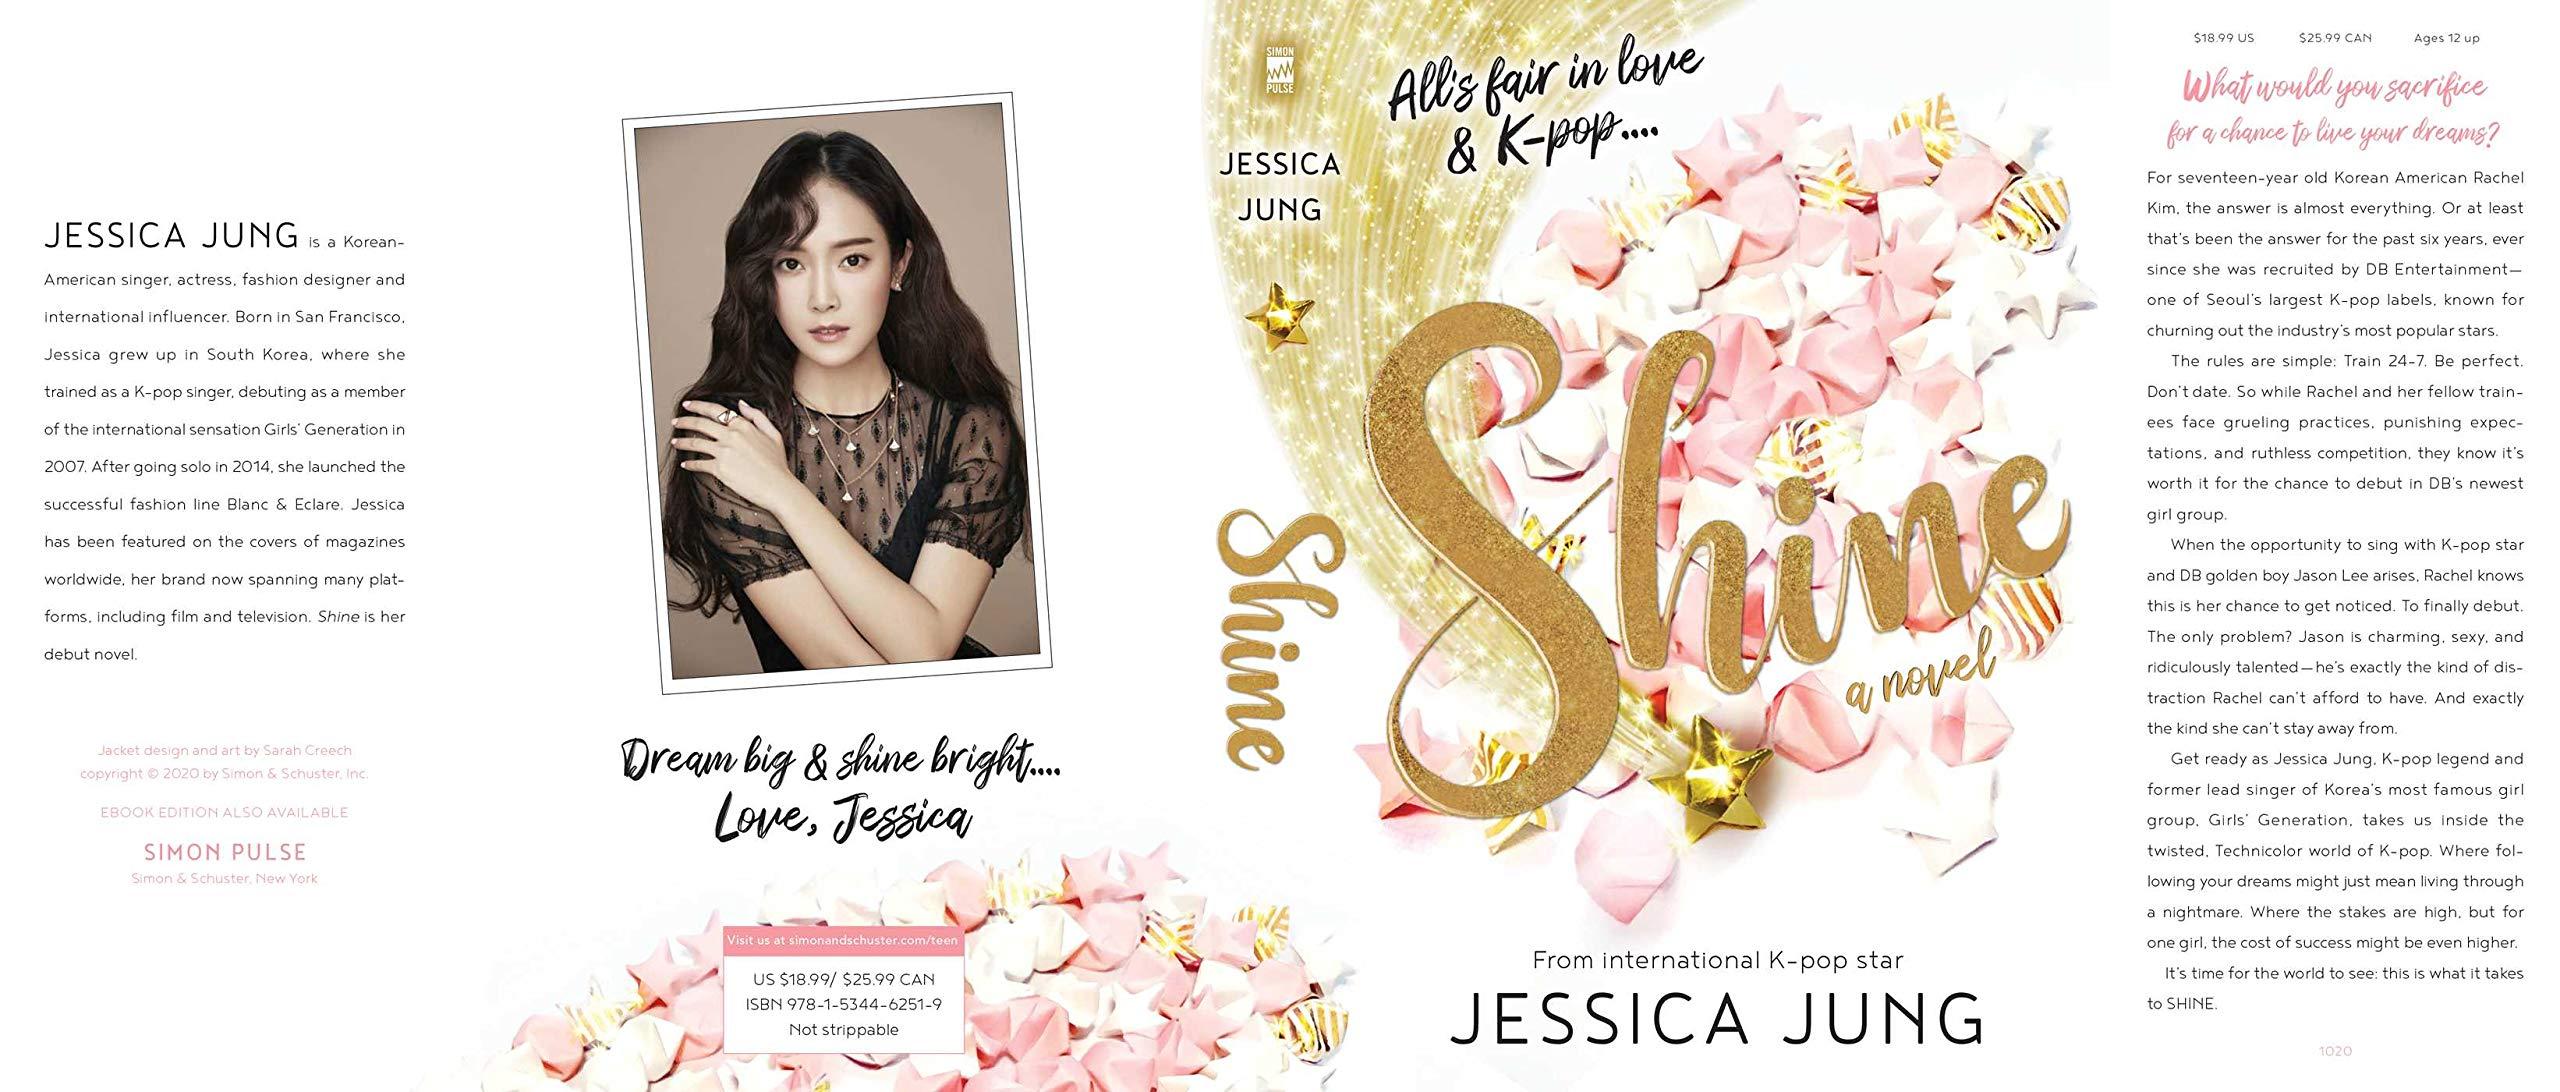 Những giới thiệu về 'Shine' được nhà phát hành đăng tải.